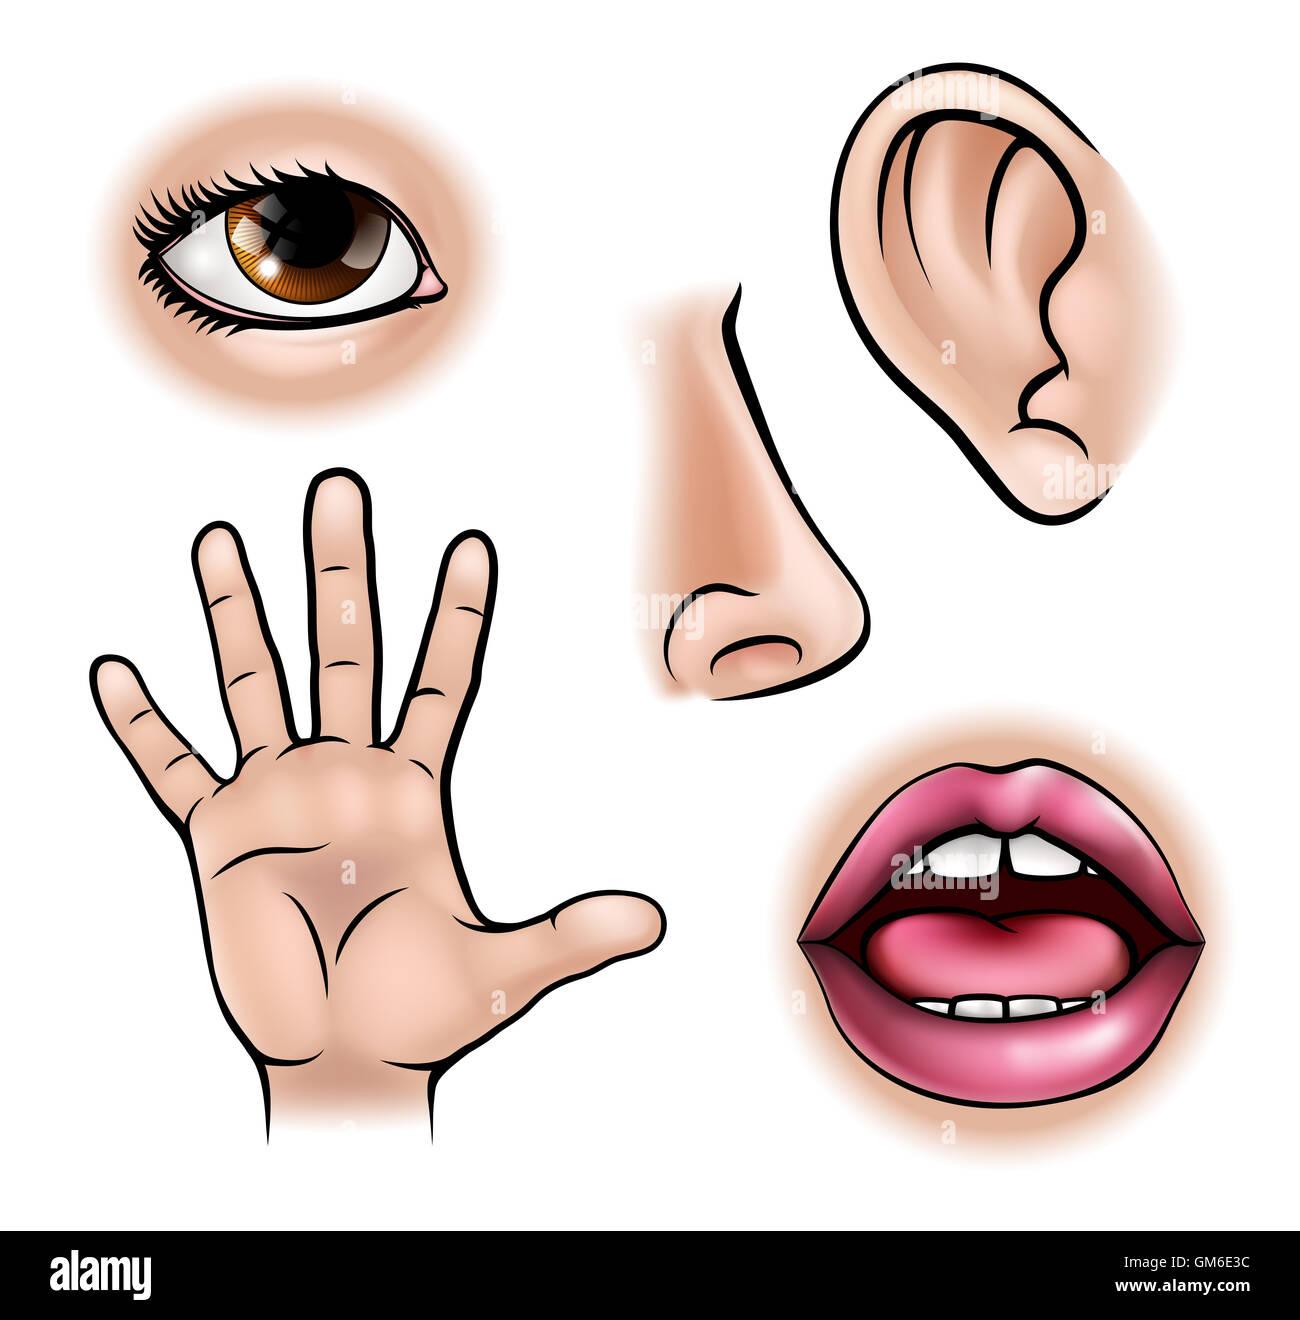 Five Senses Illustration Fotos E Imagenes De Stock